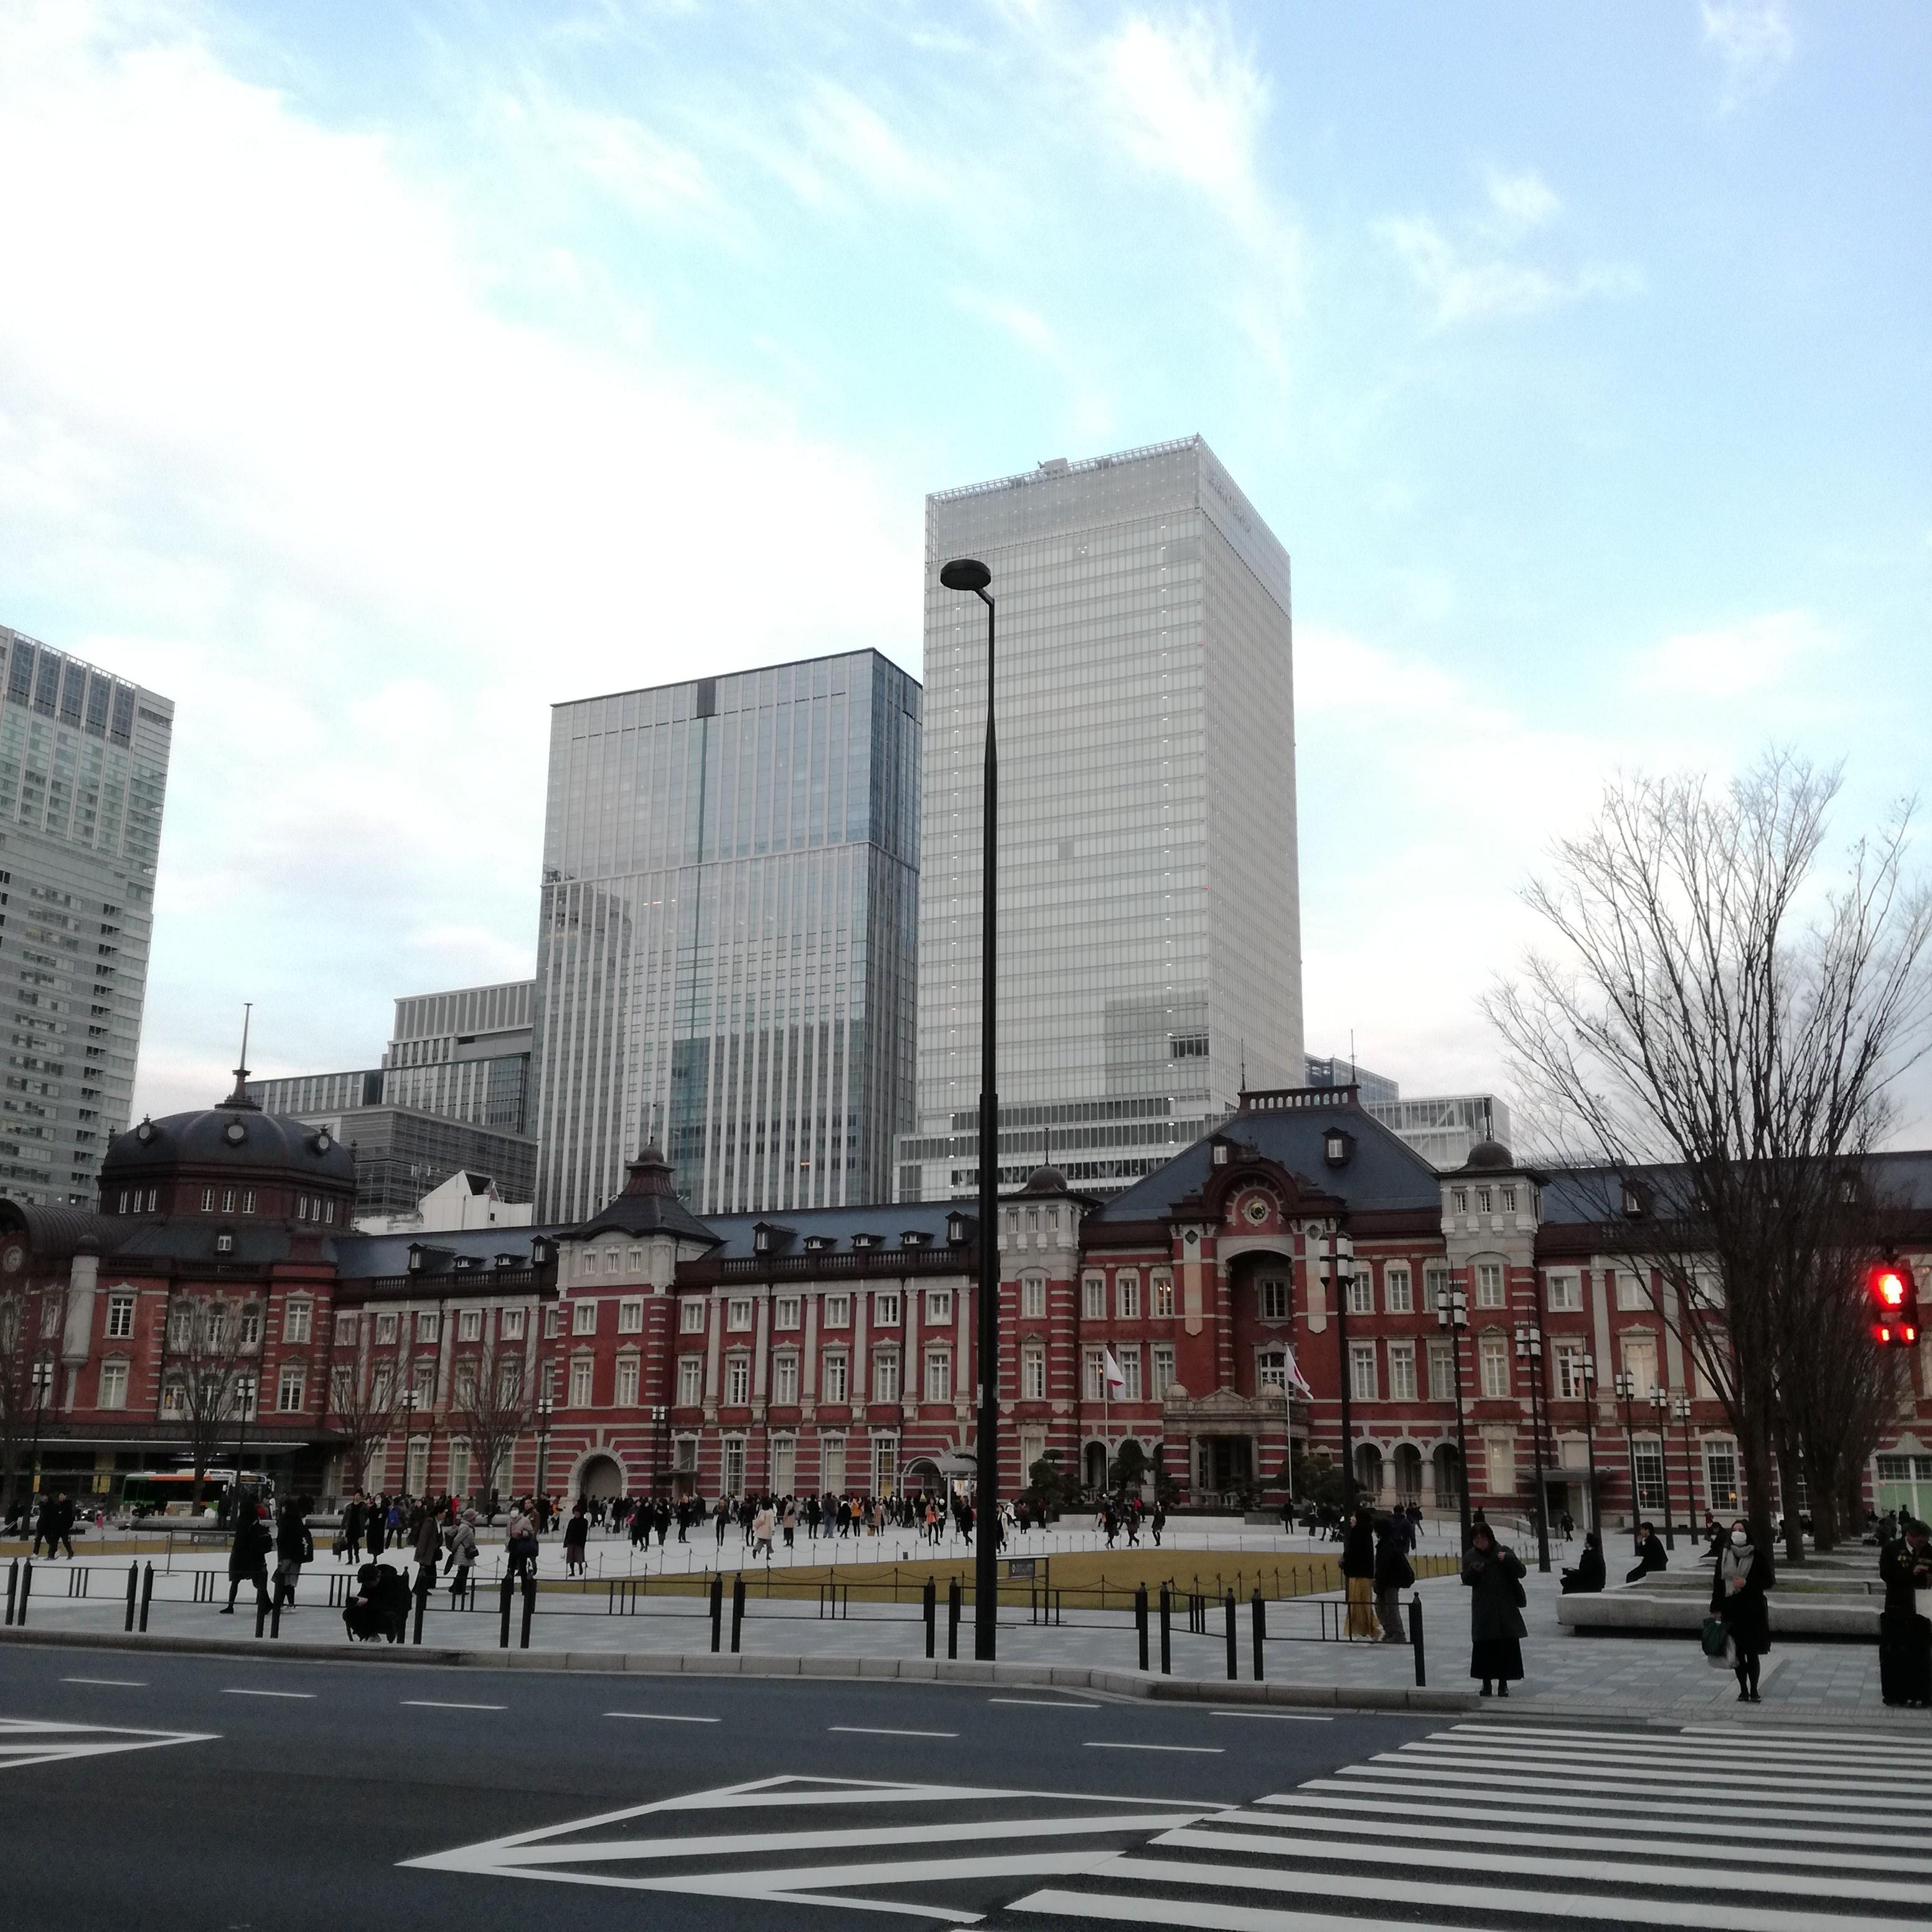 f:id:masakiwasada:20190226122517j:image